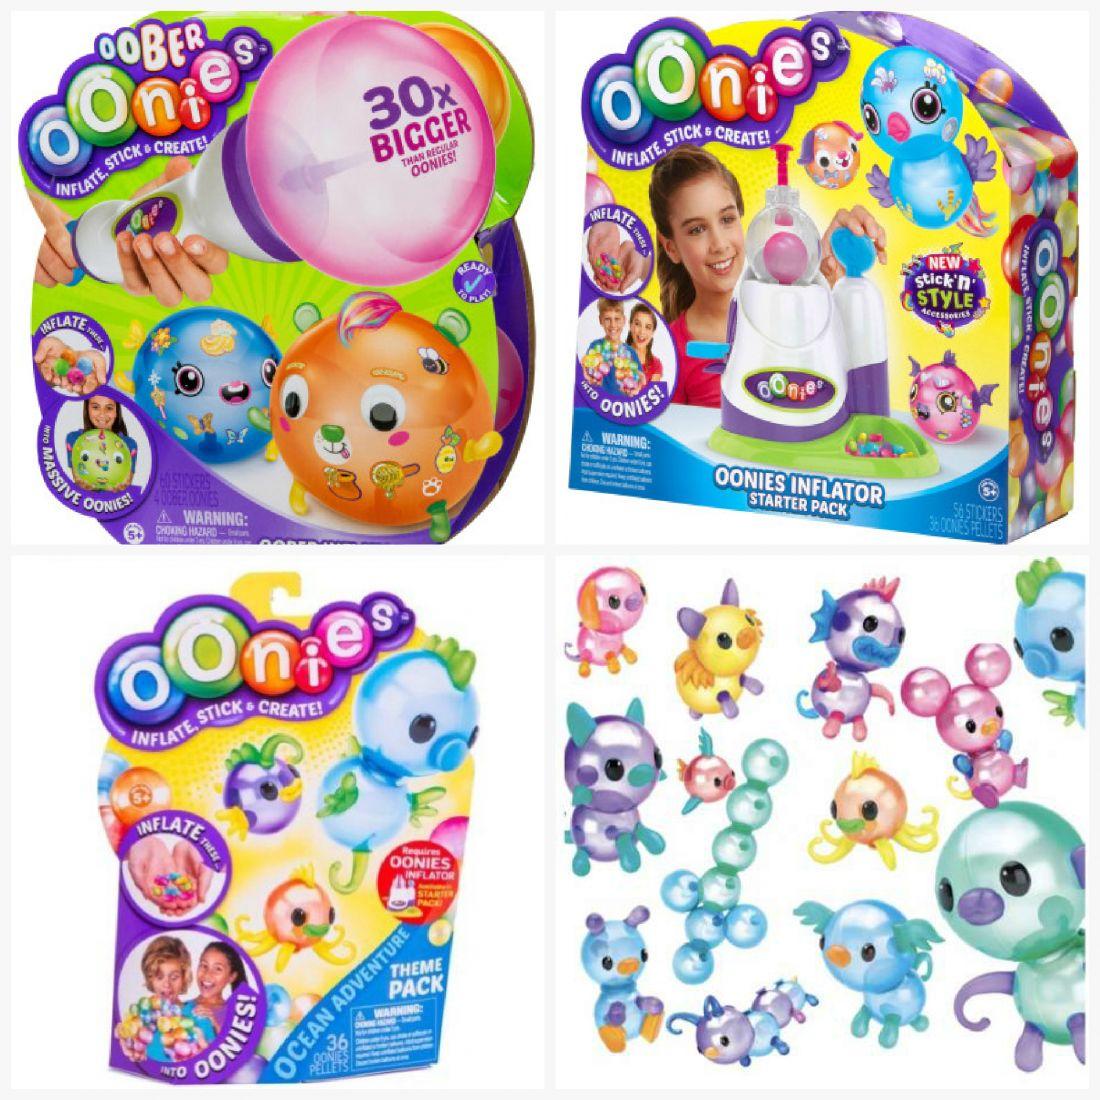 Oonies Конструктор из шаров + Стартовый набор Oober + Дополнительный набор шариков Oonies